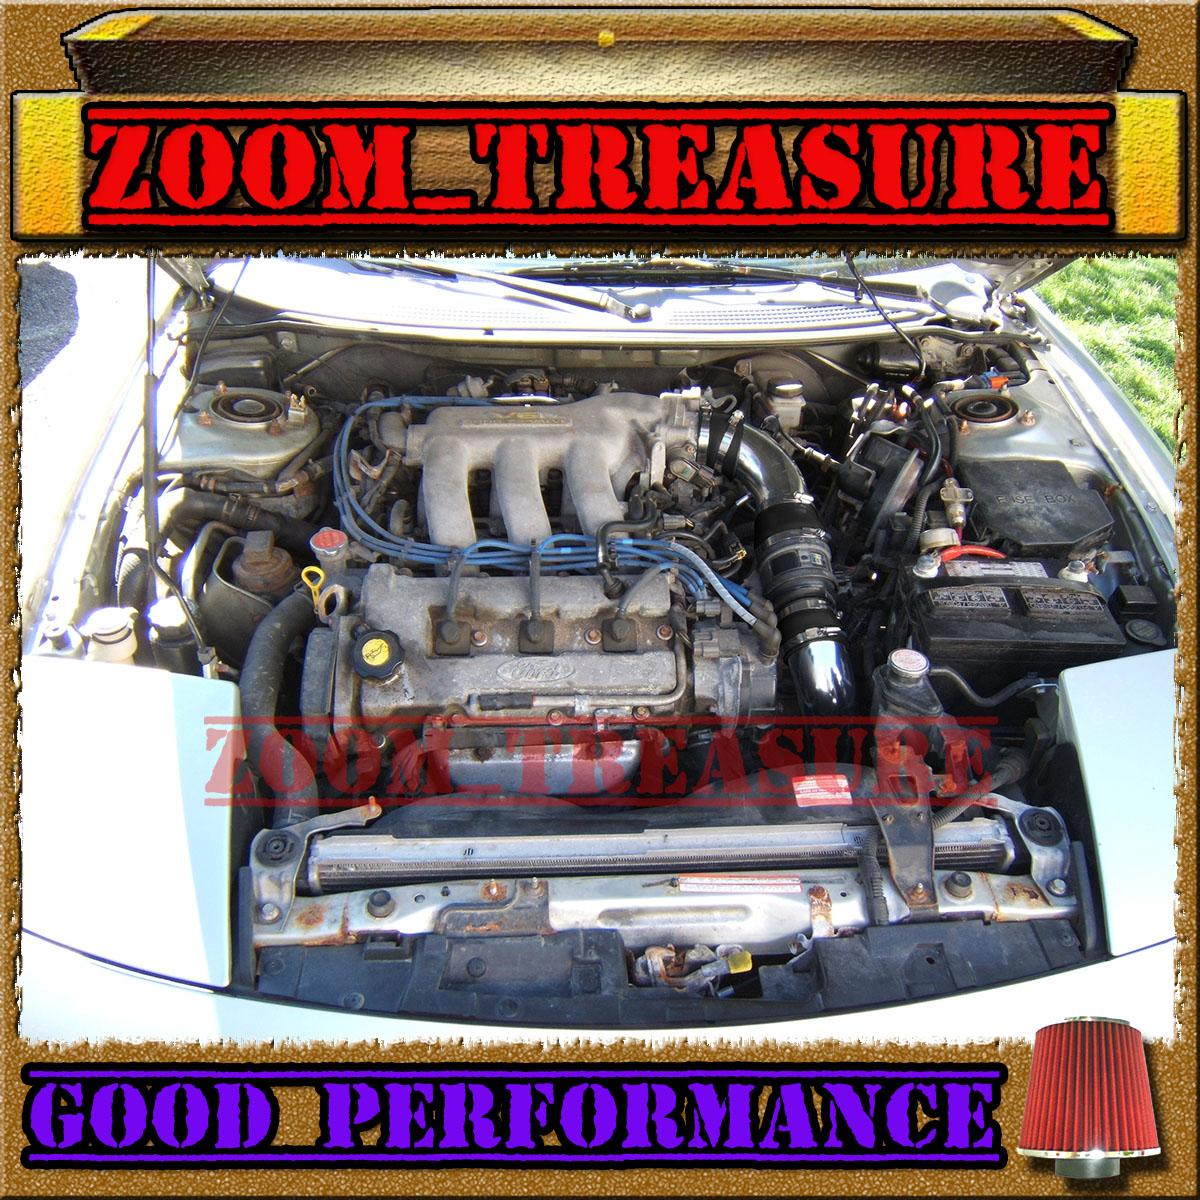 626 2.5L V6 Black Blue Cold Air Intake Kit For 1993-97 Ford Probe Mazda MX6